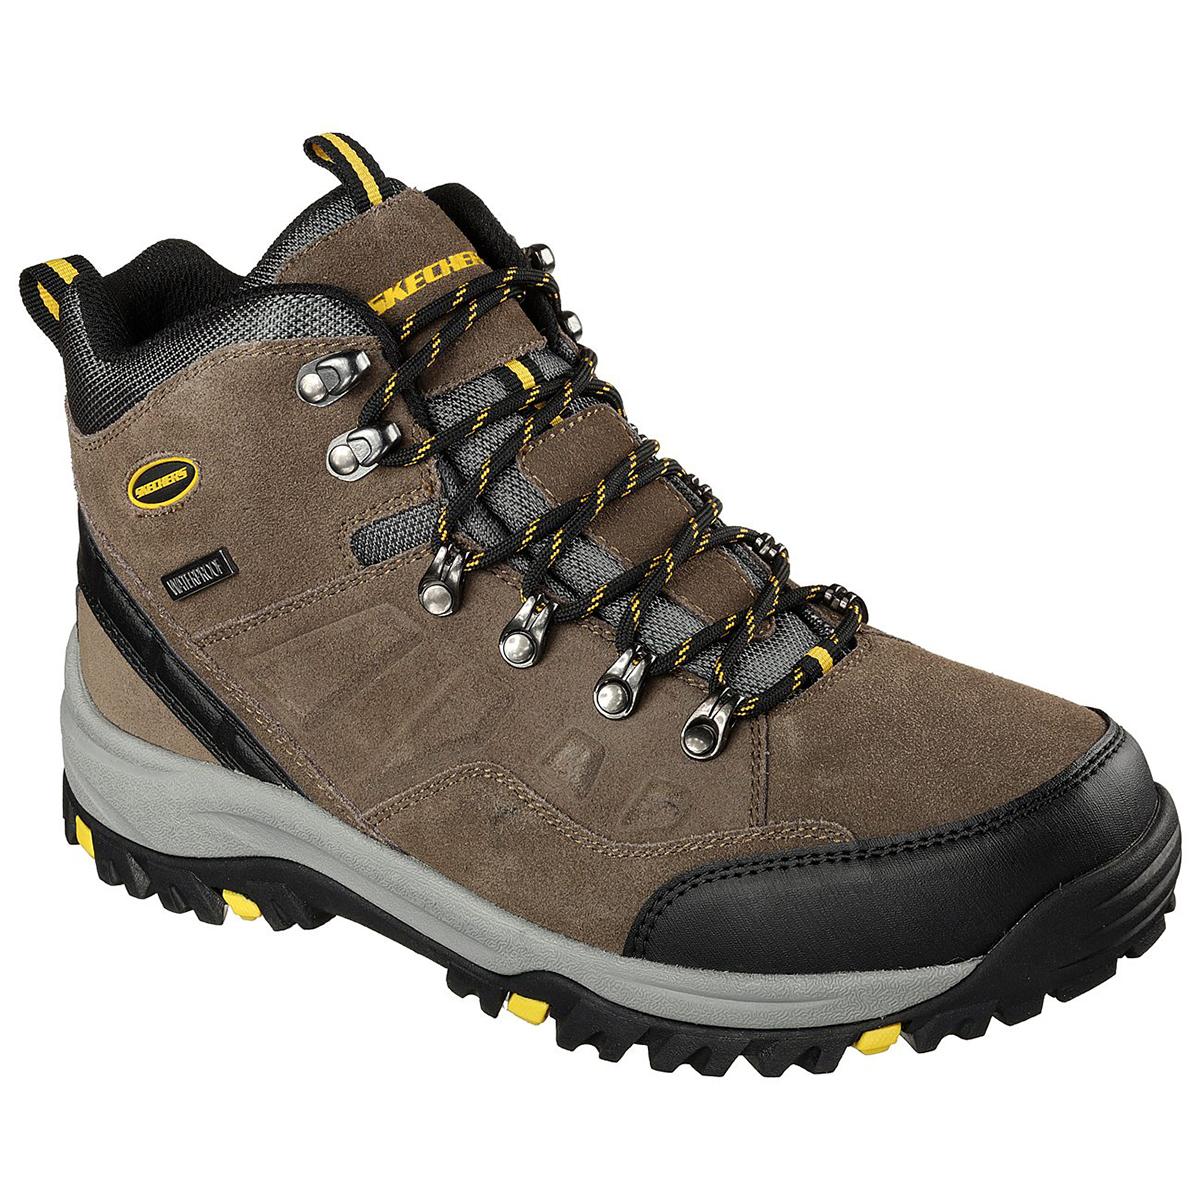 Skechers Men's Relment Pelmo Lace Up Boots, Wide - Brown, 8